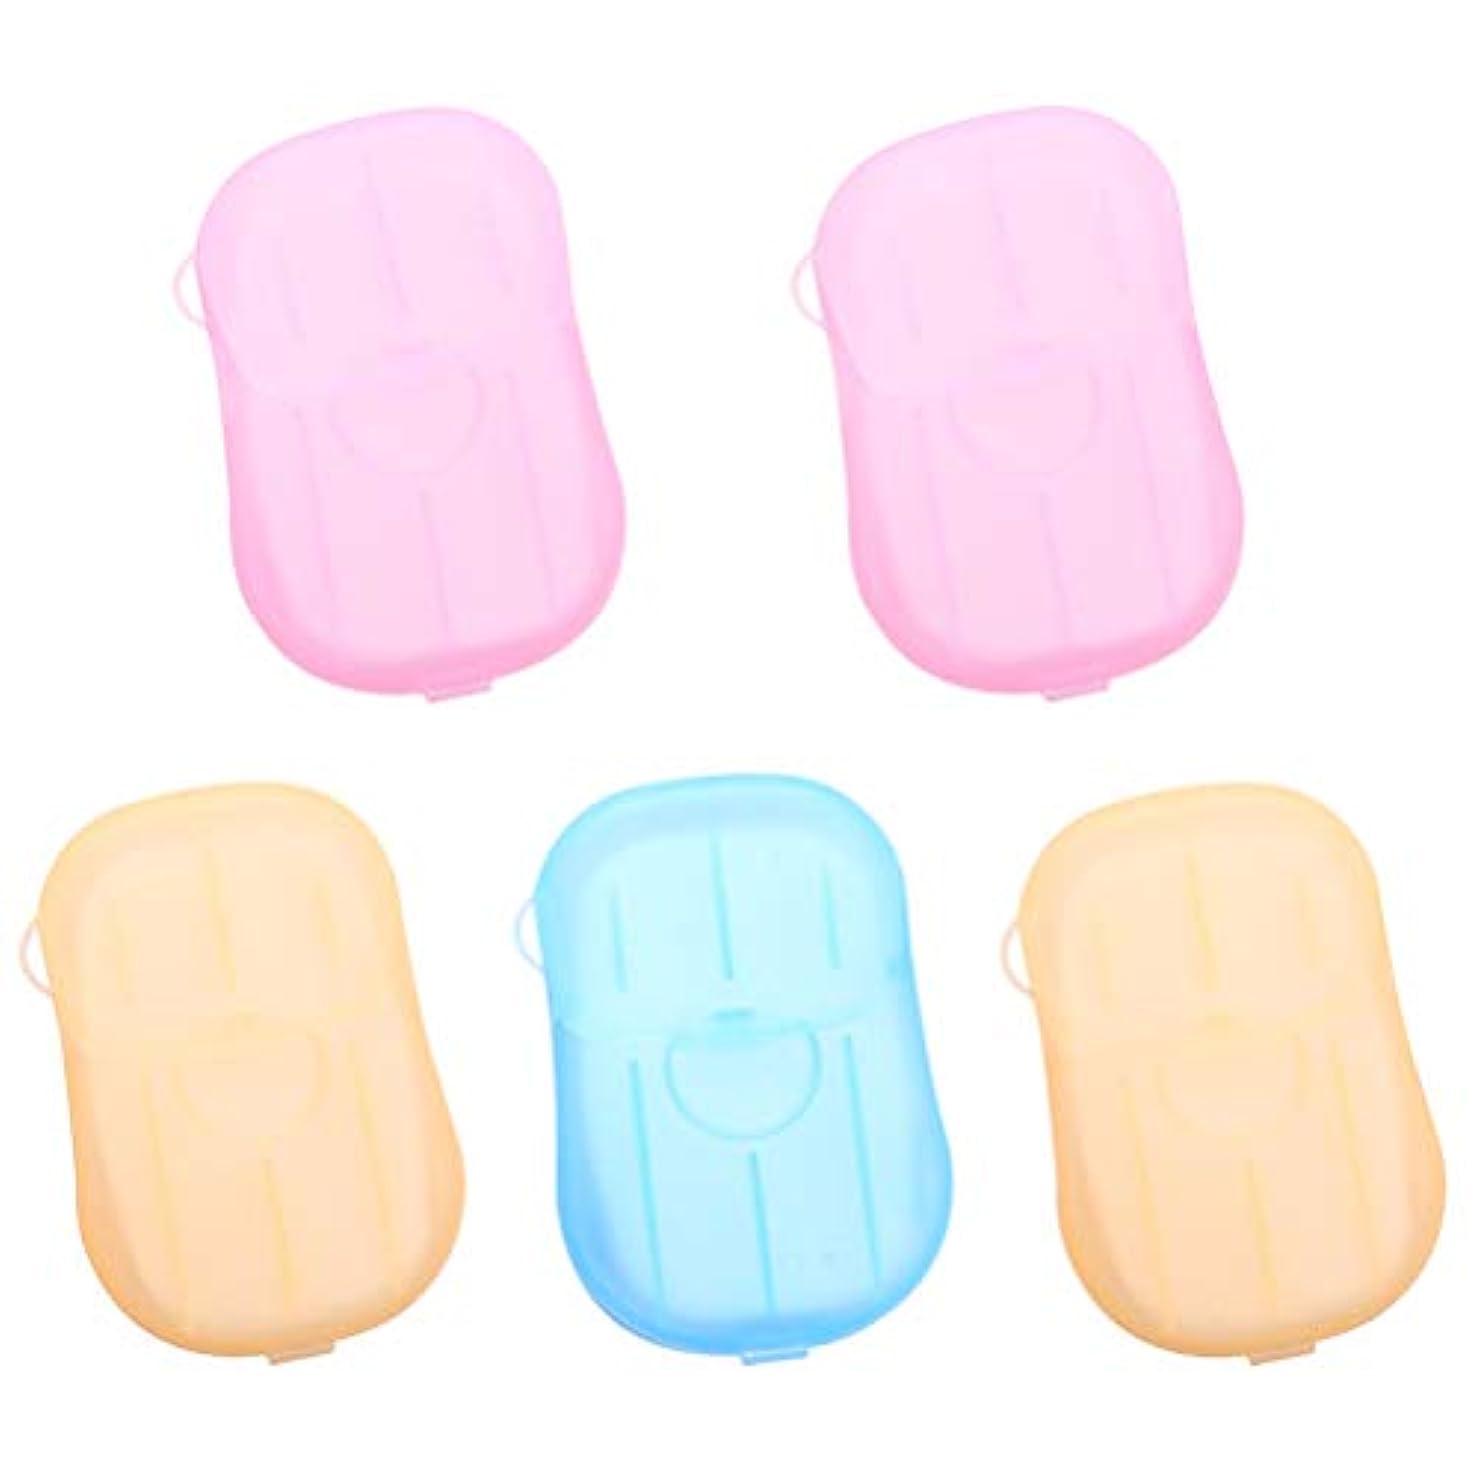 カートリッジ微生物Healifty ポータブルディスポーザブルクリーニングペーパーソープフレークソープボックス5個付き(1 *ブルー+2 *ピンク+2 *イエロー)